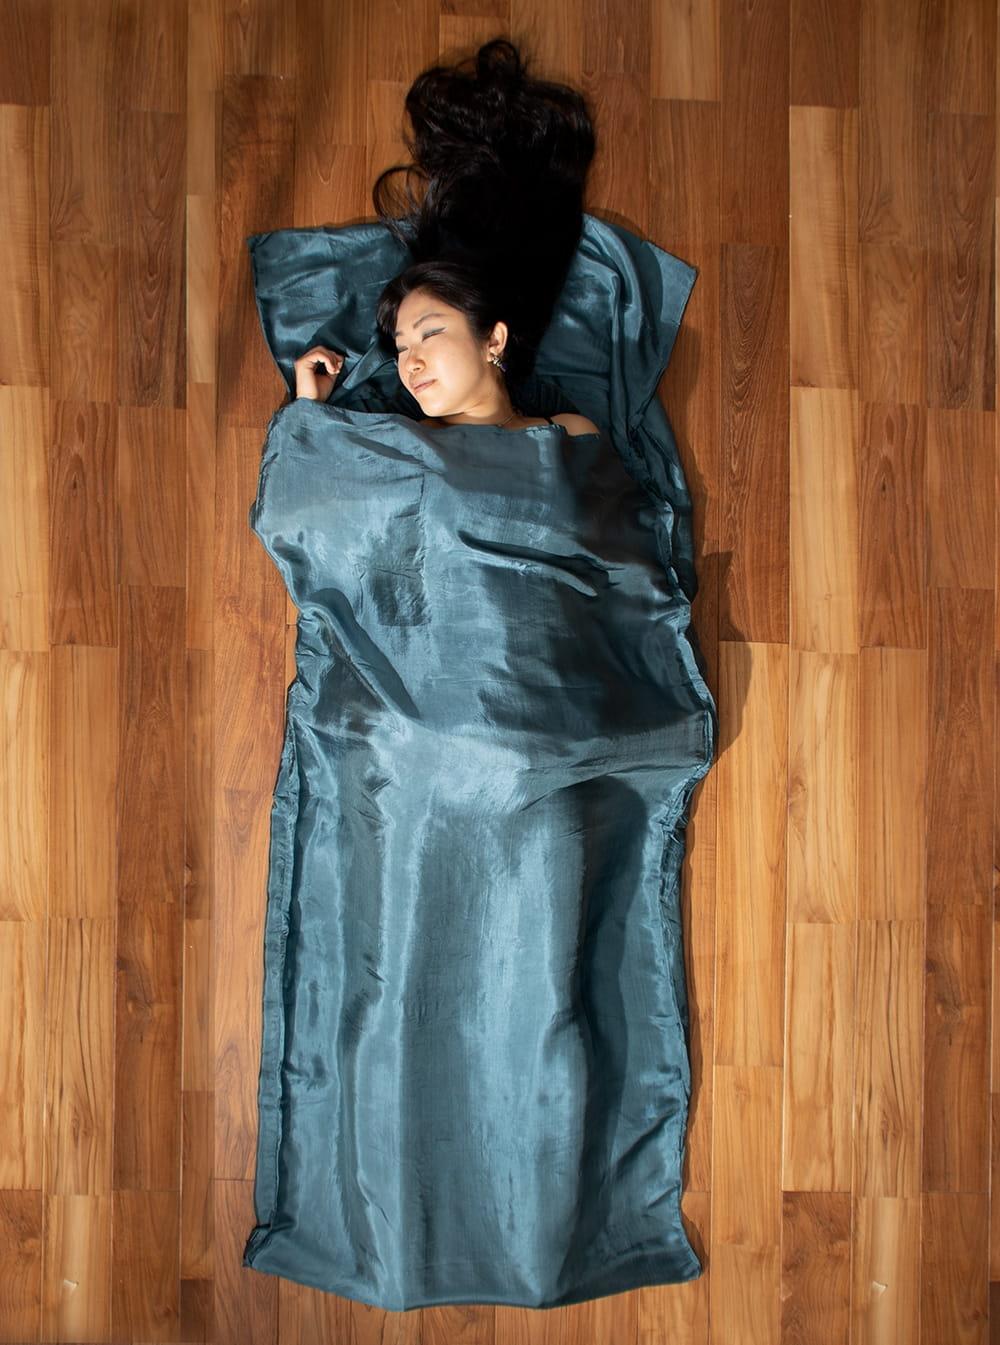 ベトナムのシルク寝袋[シングルサイズ]の写真